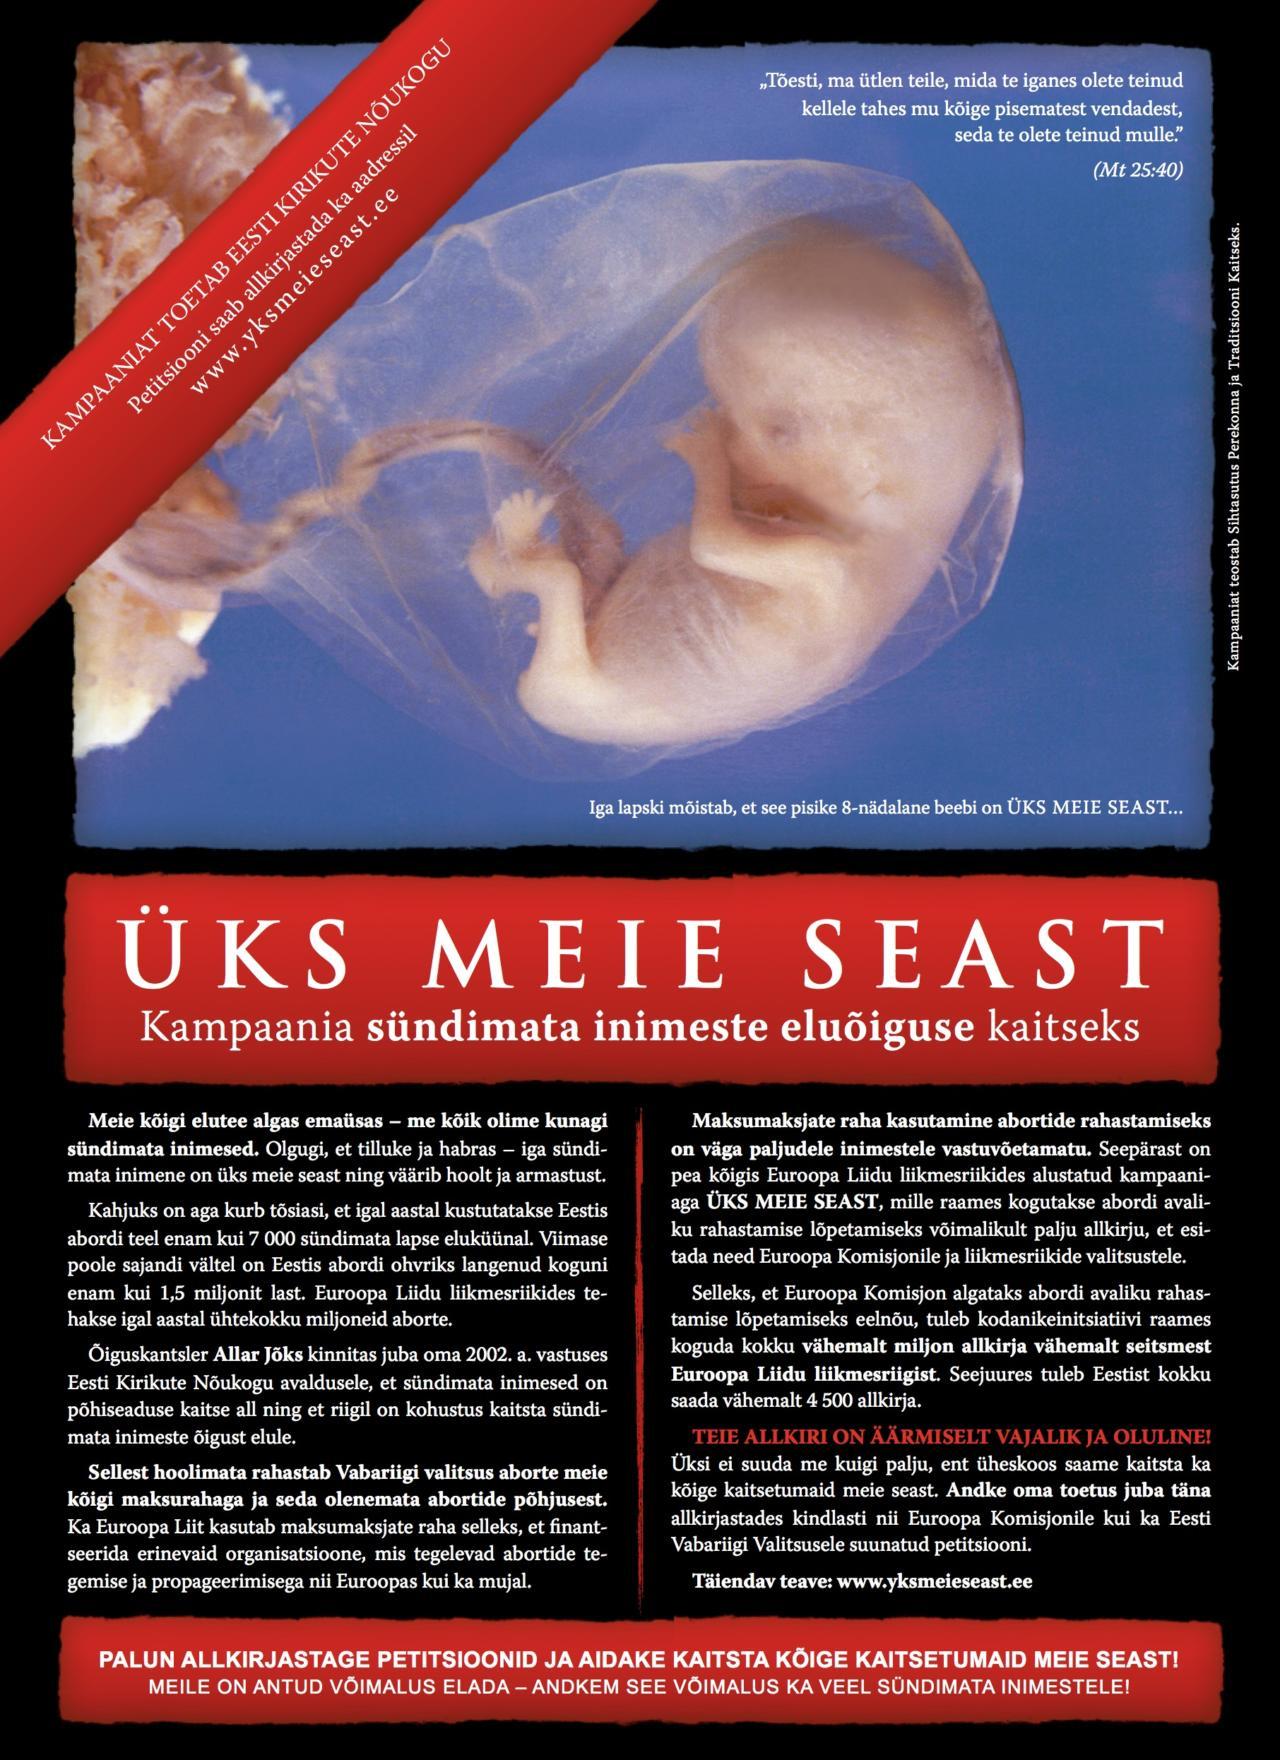 Poster: Üks meie seast